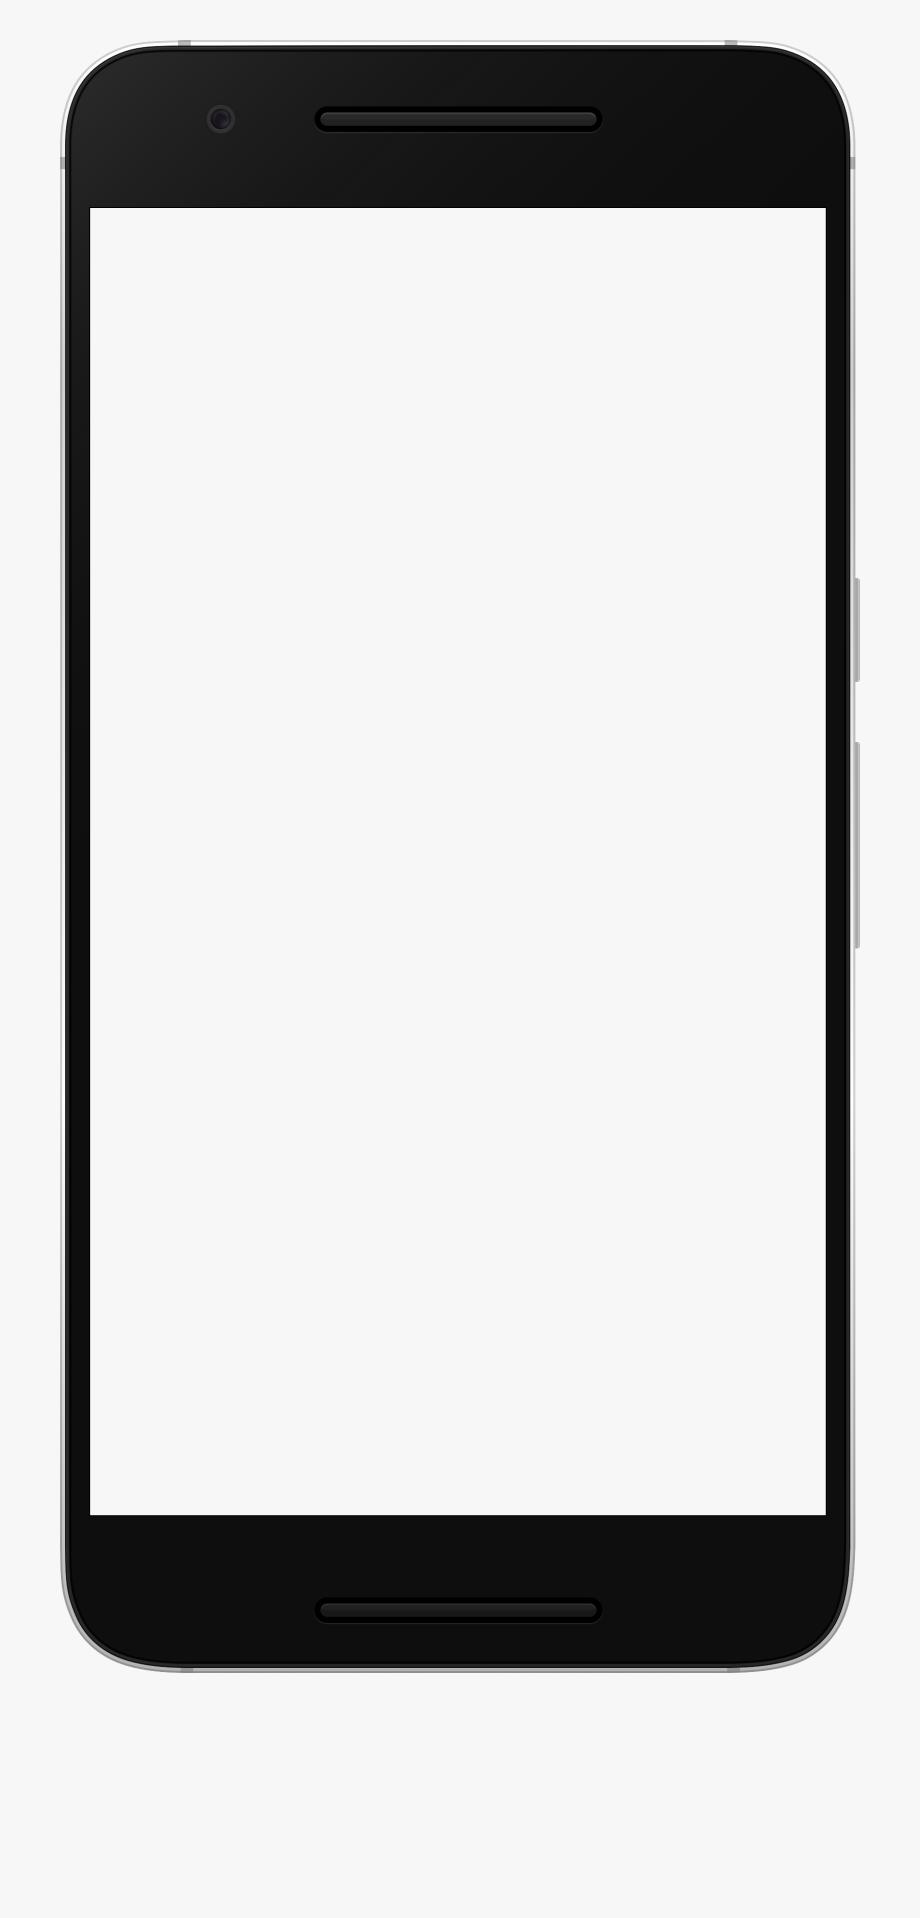 Iphone 4s, Nintendo Wii, Clip Art, Tool, Ipad, Album.